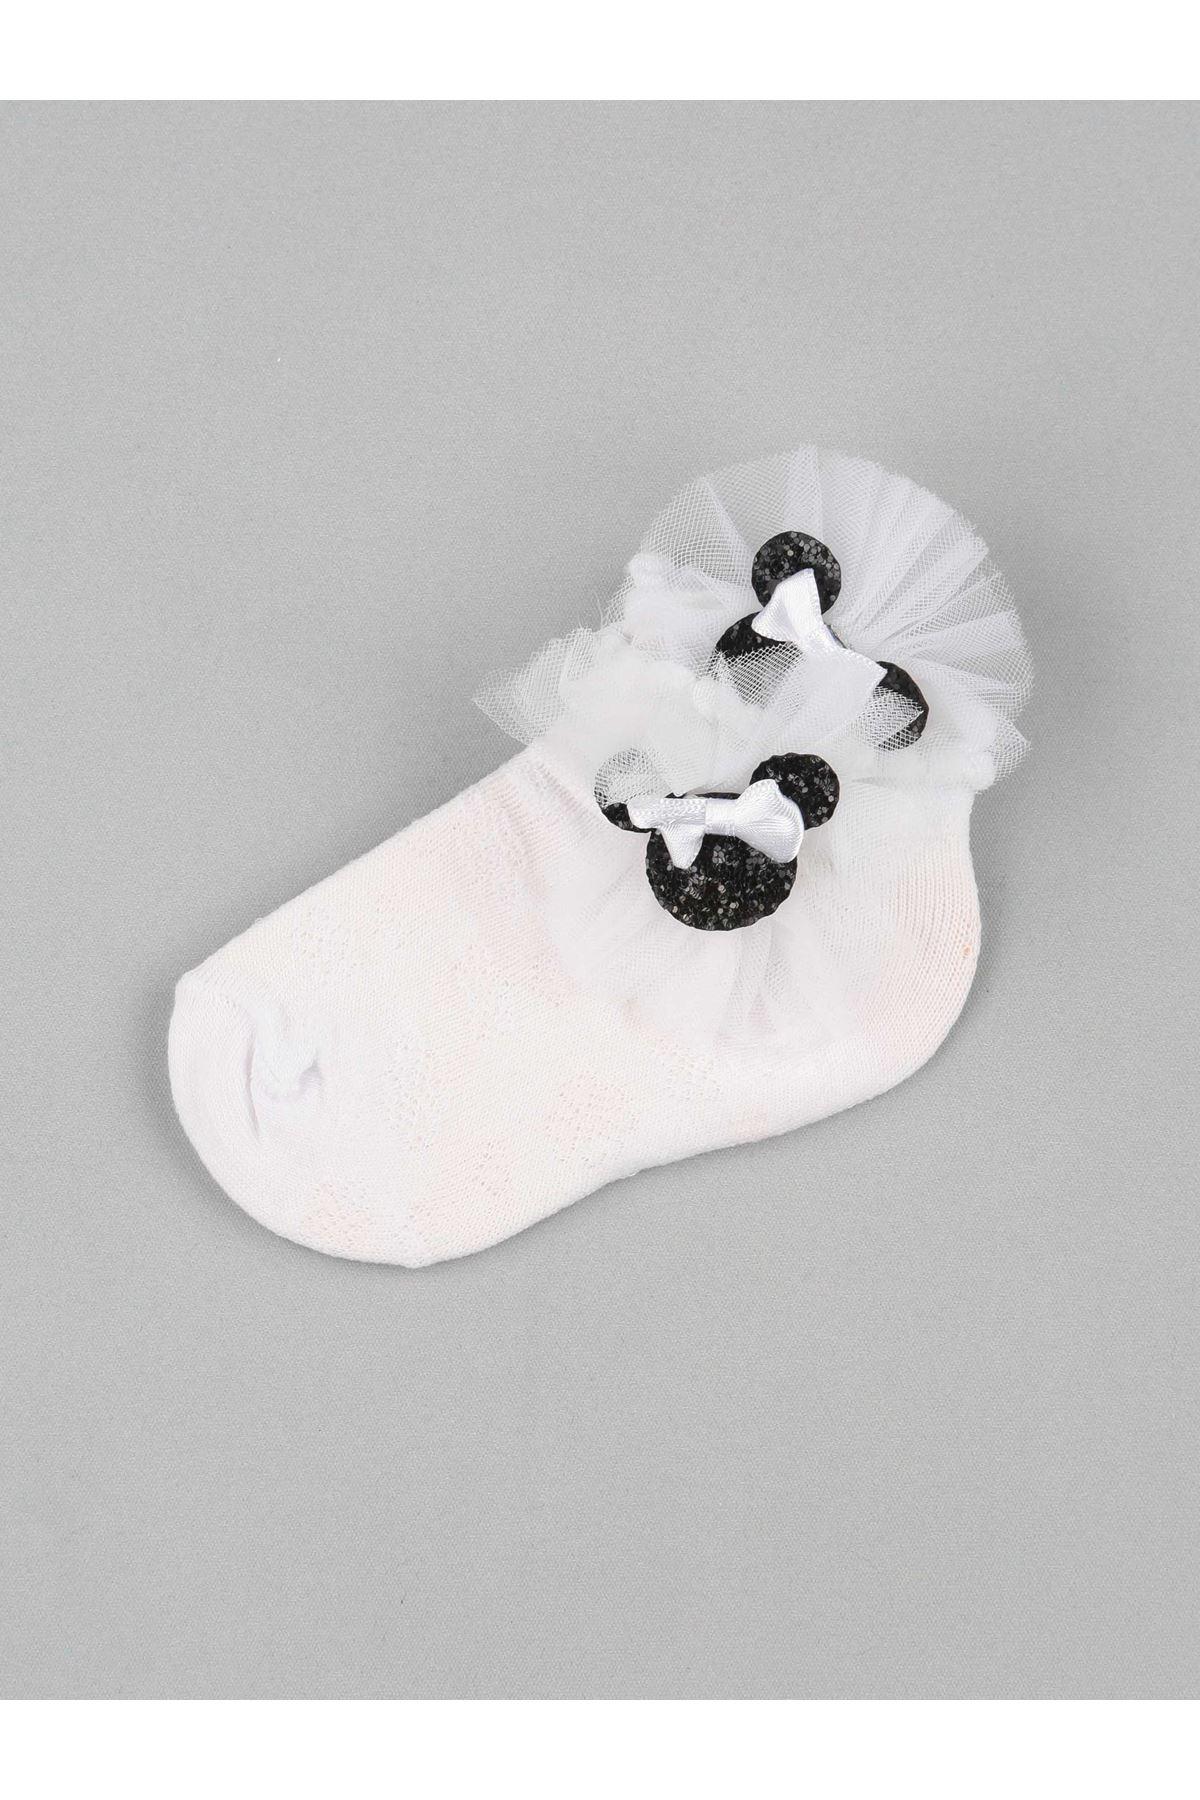 Beyaz Tüllü Kız Bebek Çorap